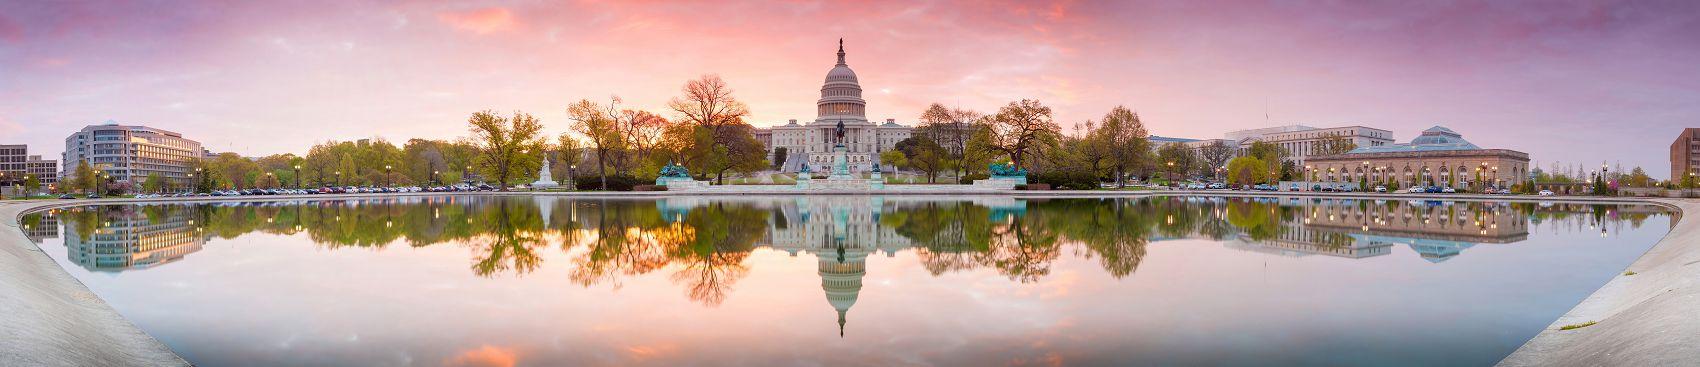 Капитолий в Вашингтоне США